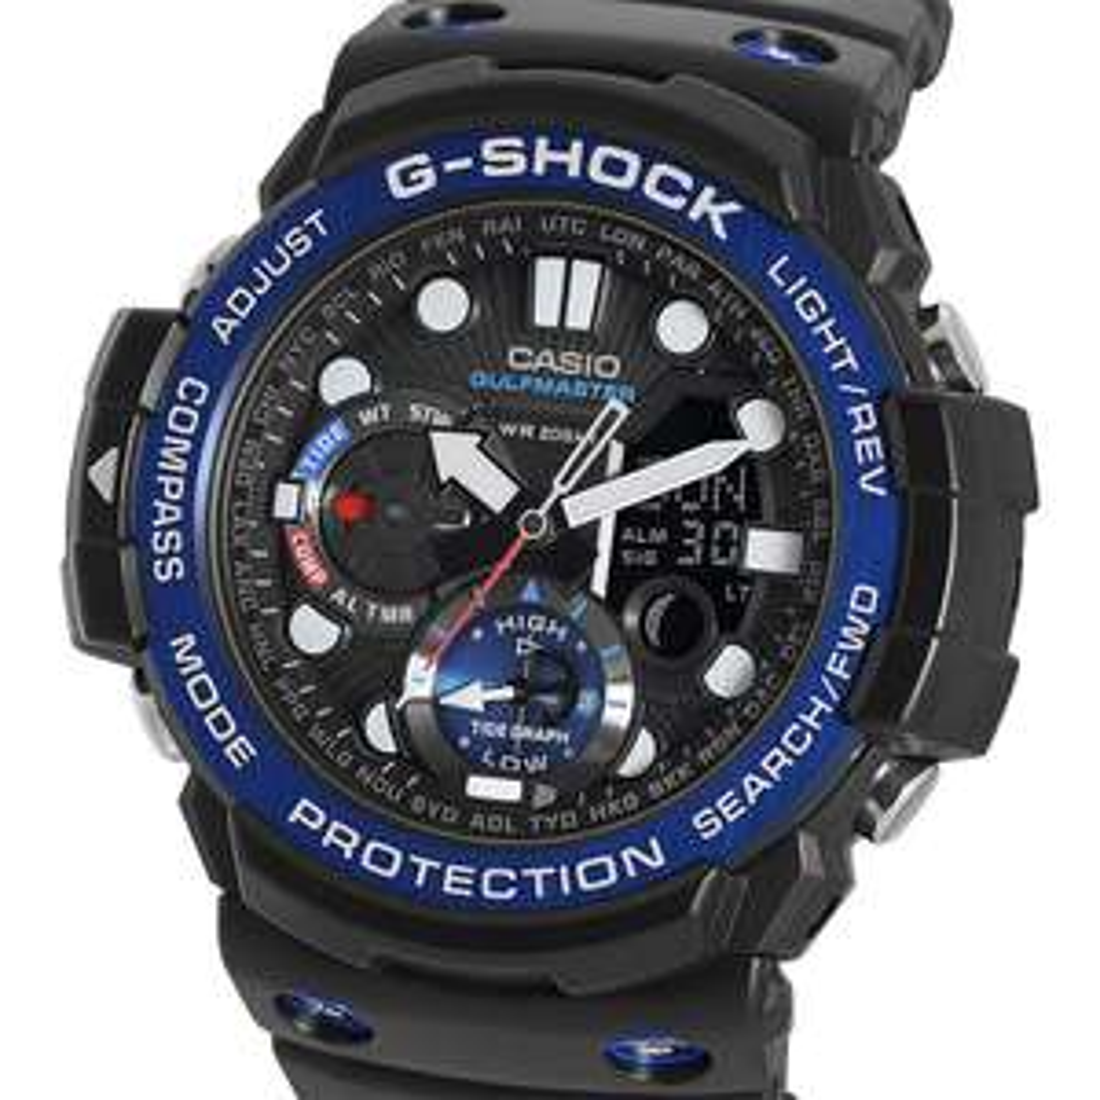 Casio G-Shock Gulfmaster £195 @ H Samuel (£176 via newsletter discount)